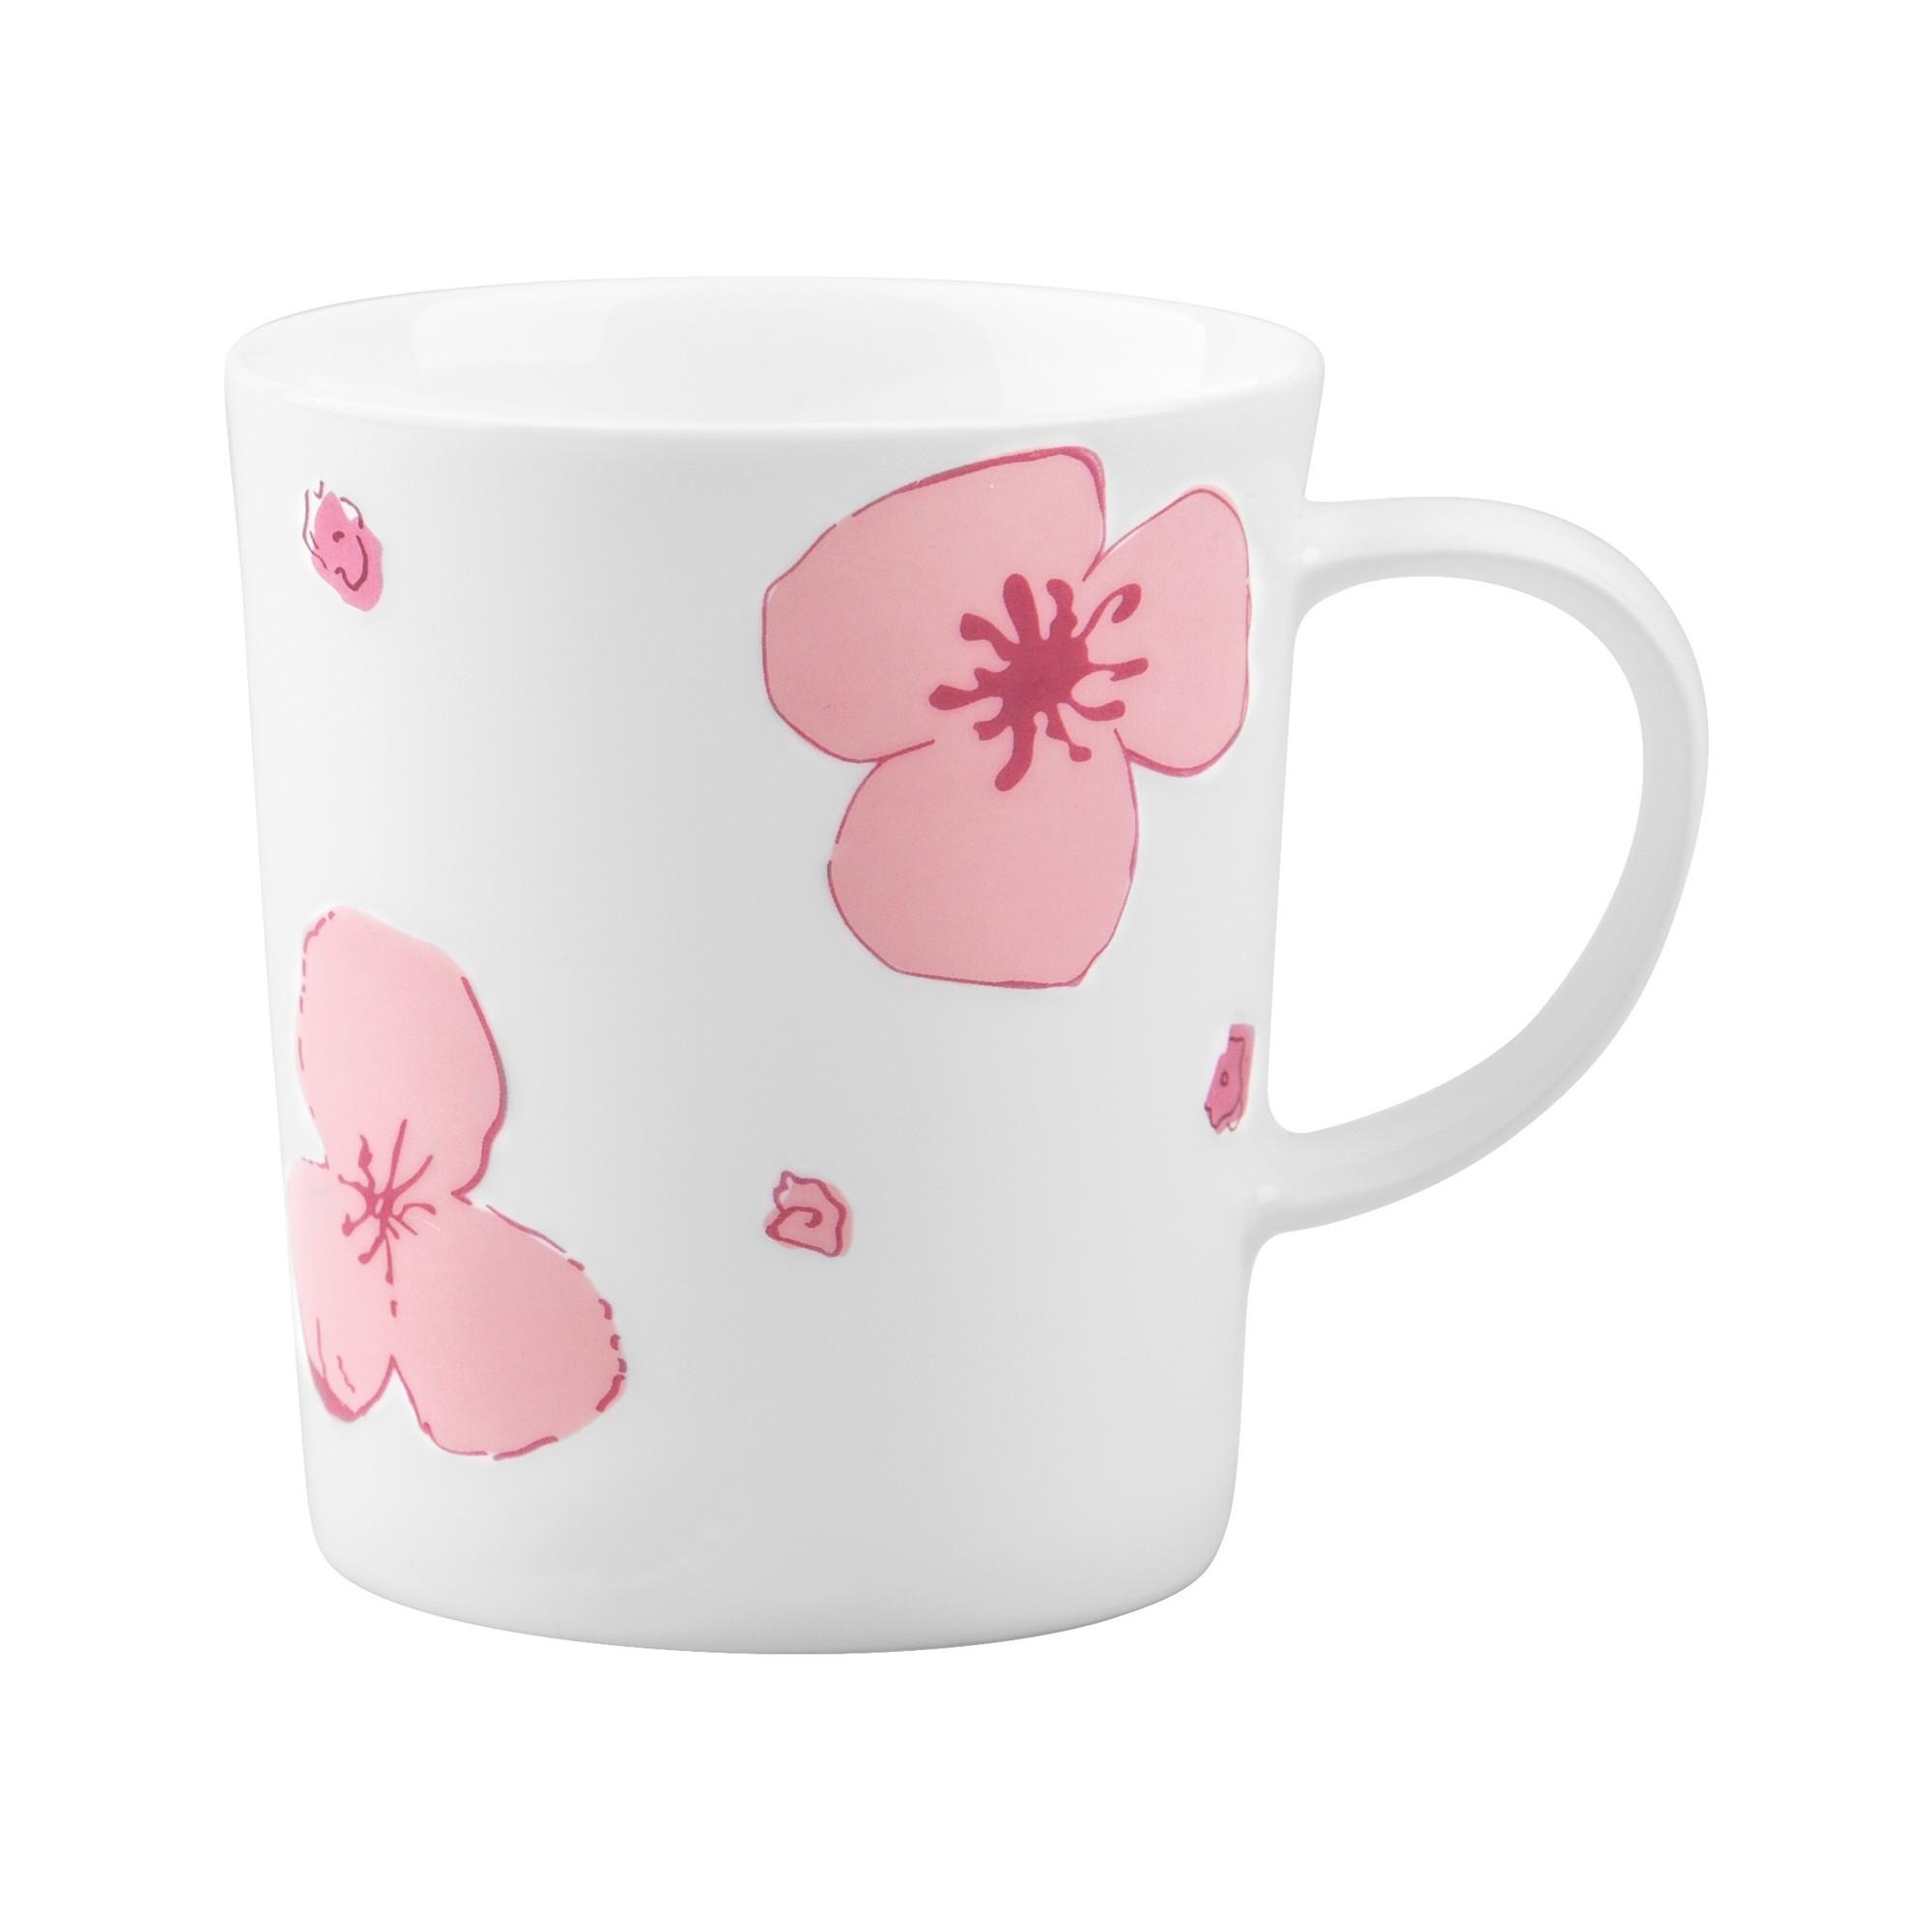 Κούπα Fleur Bone China Λευκή Ionia home   ειδη cafe τσαϊ   κούπες   φλυτζάνια